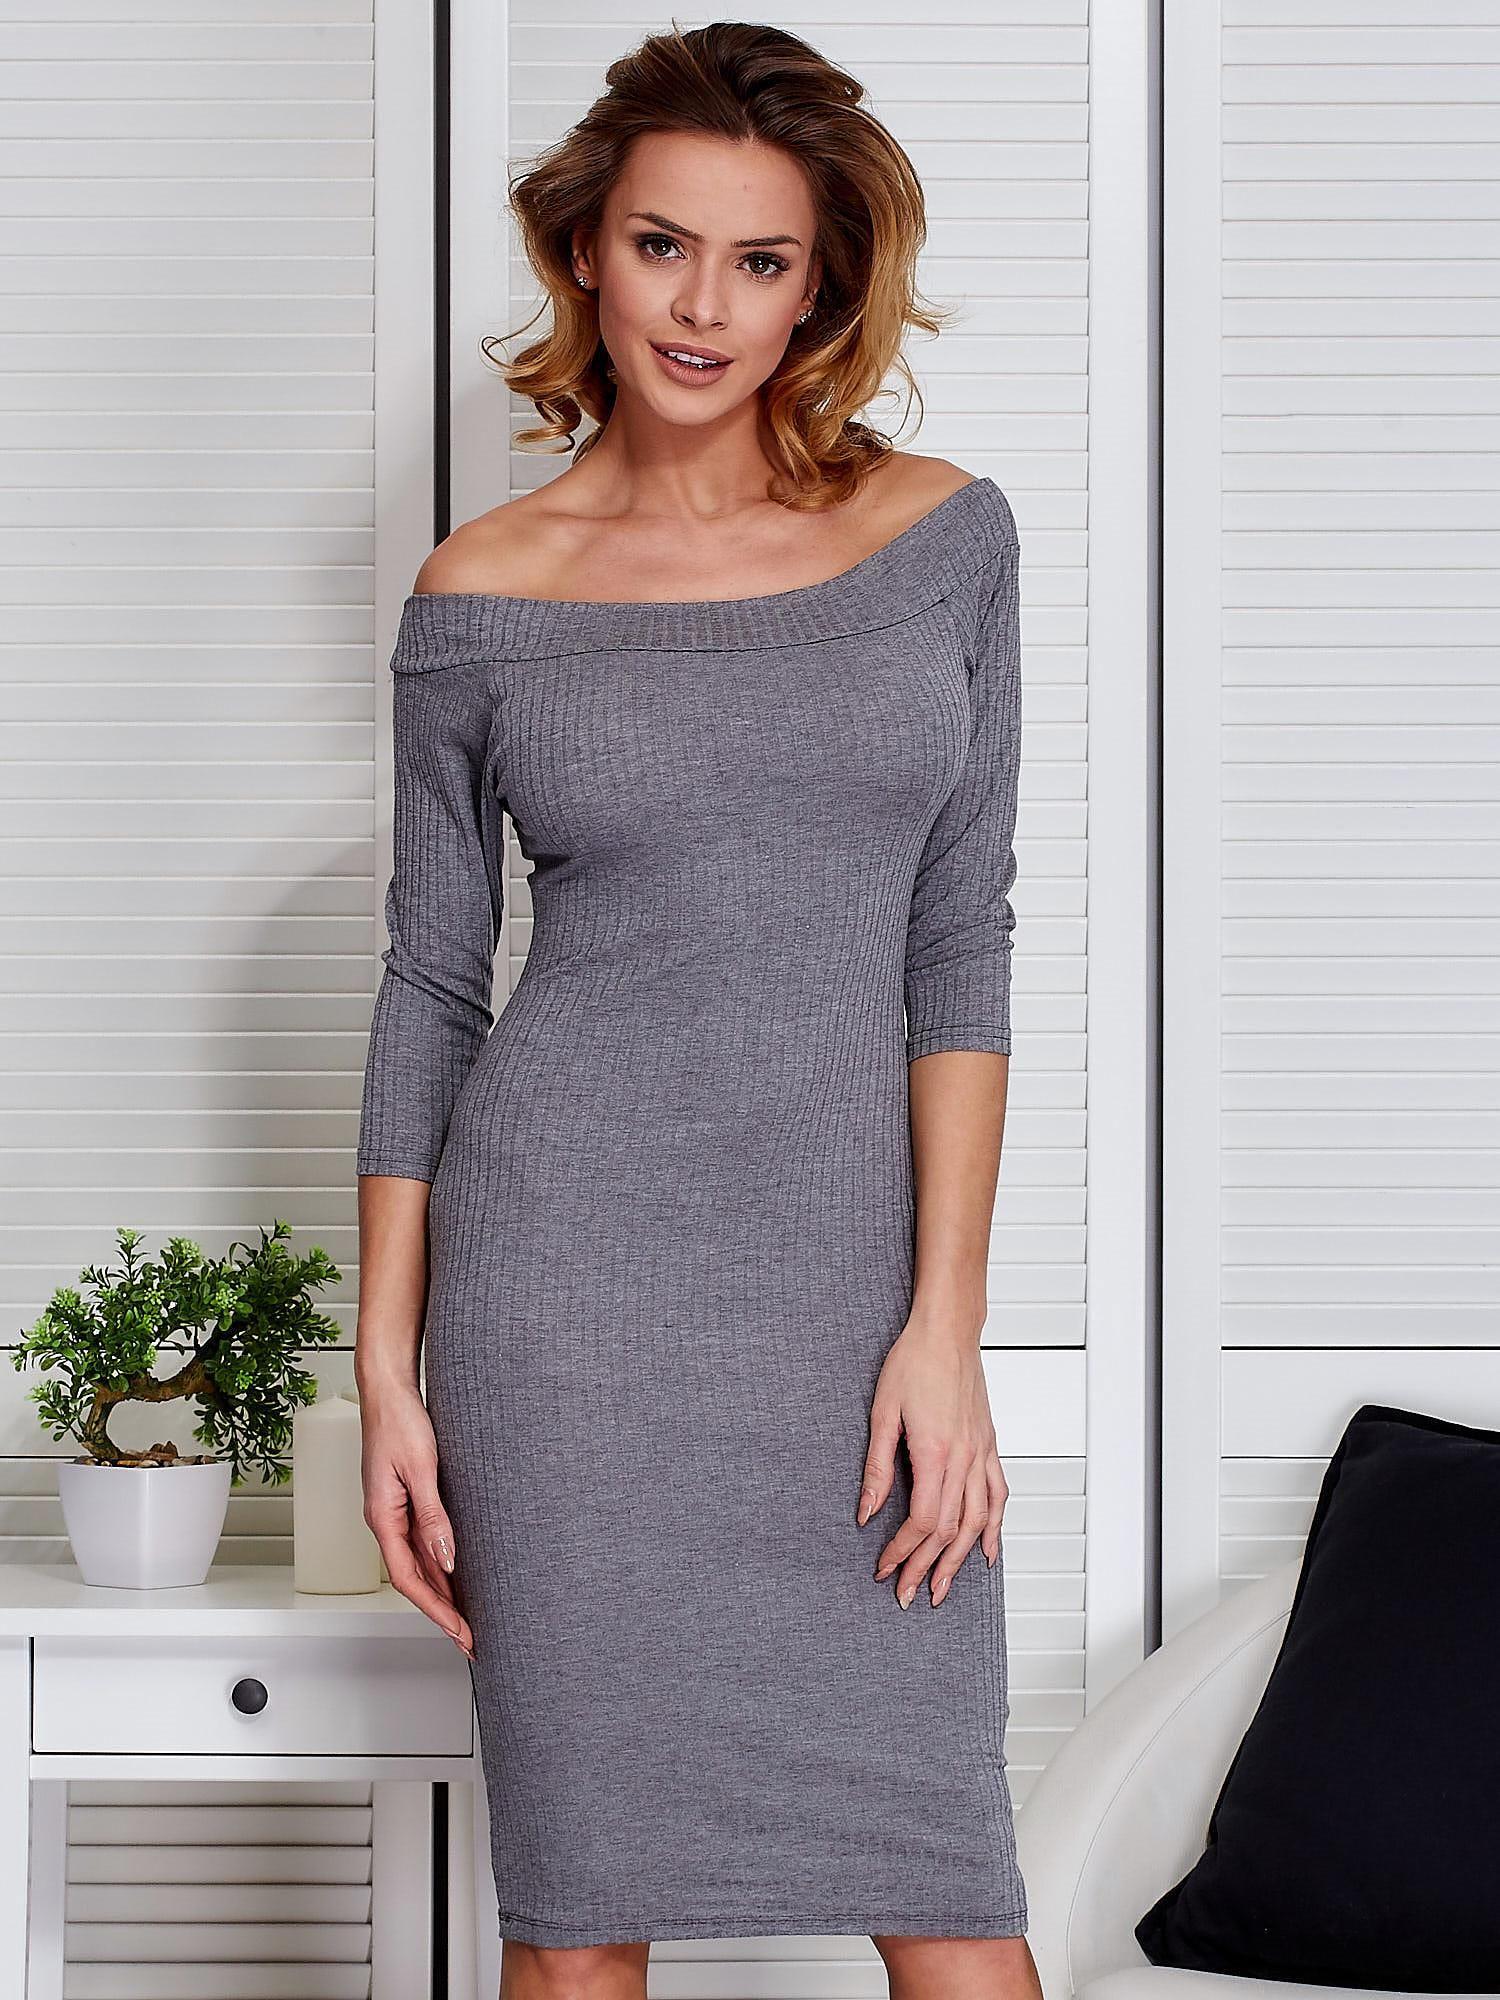 6b549ad619 Szara dopasowana sukienka z odkrytymi ramionami - Sukienka ...